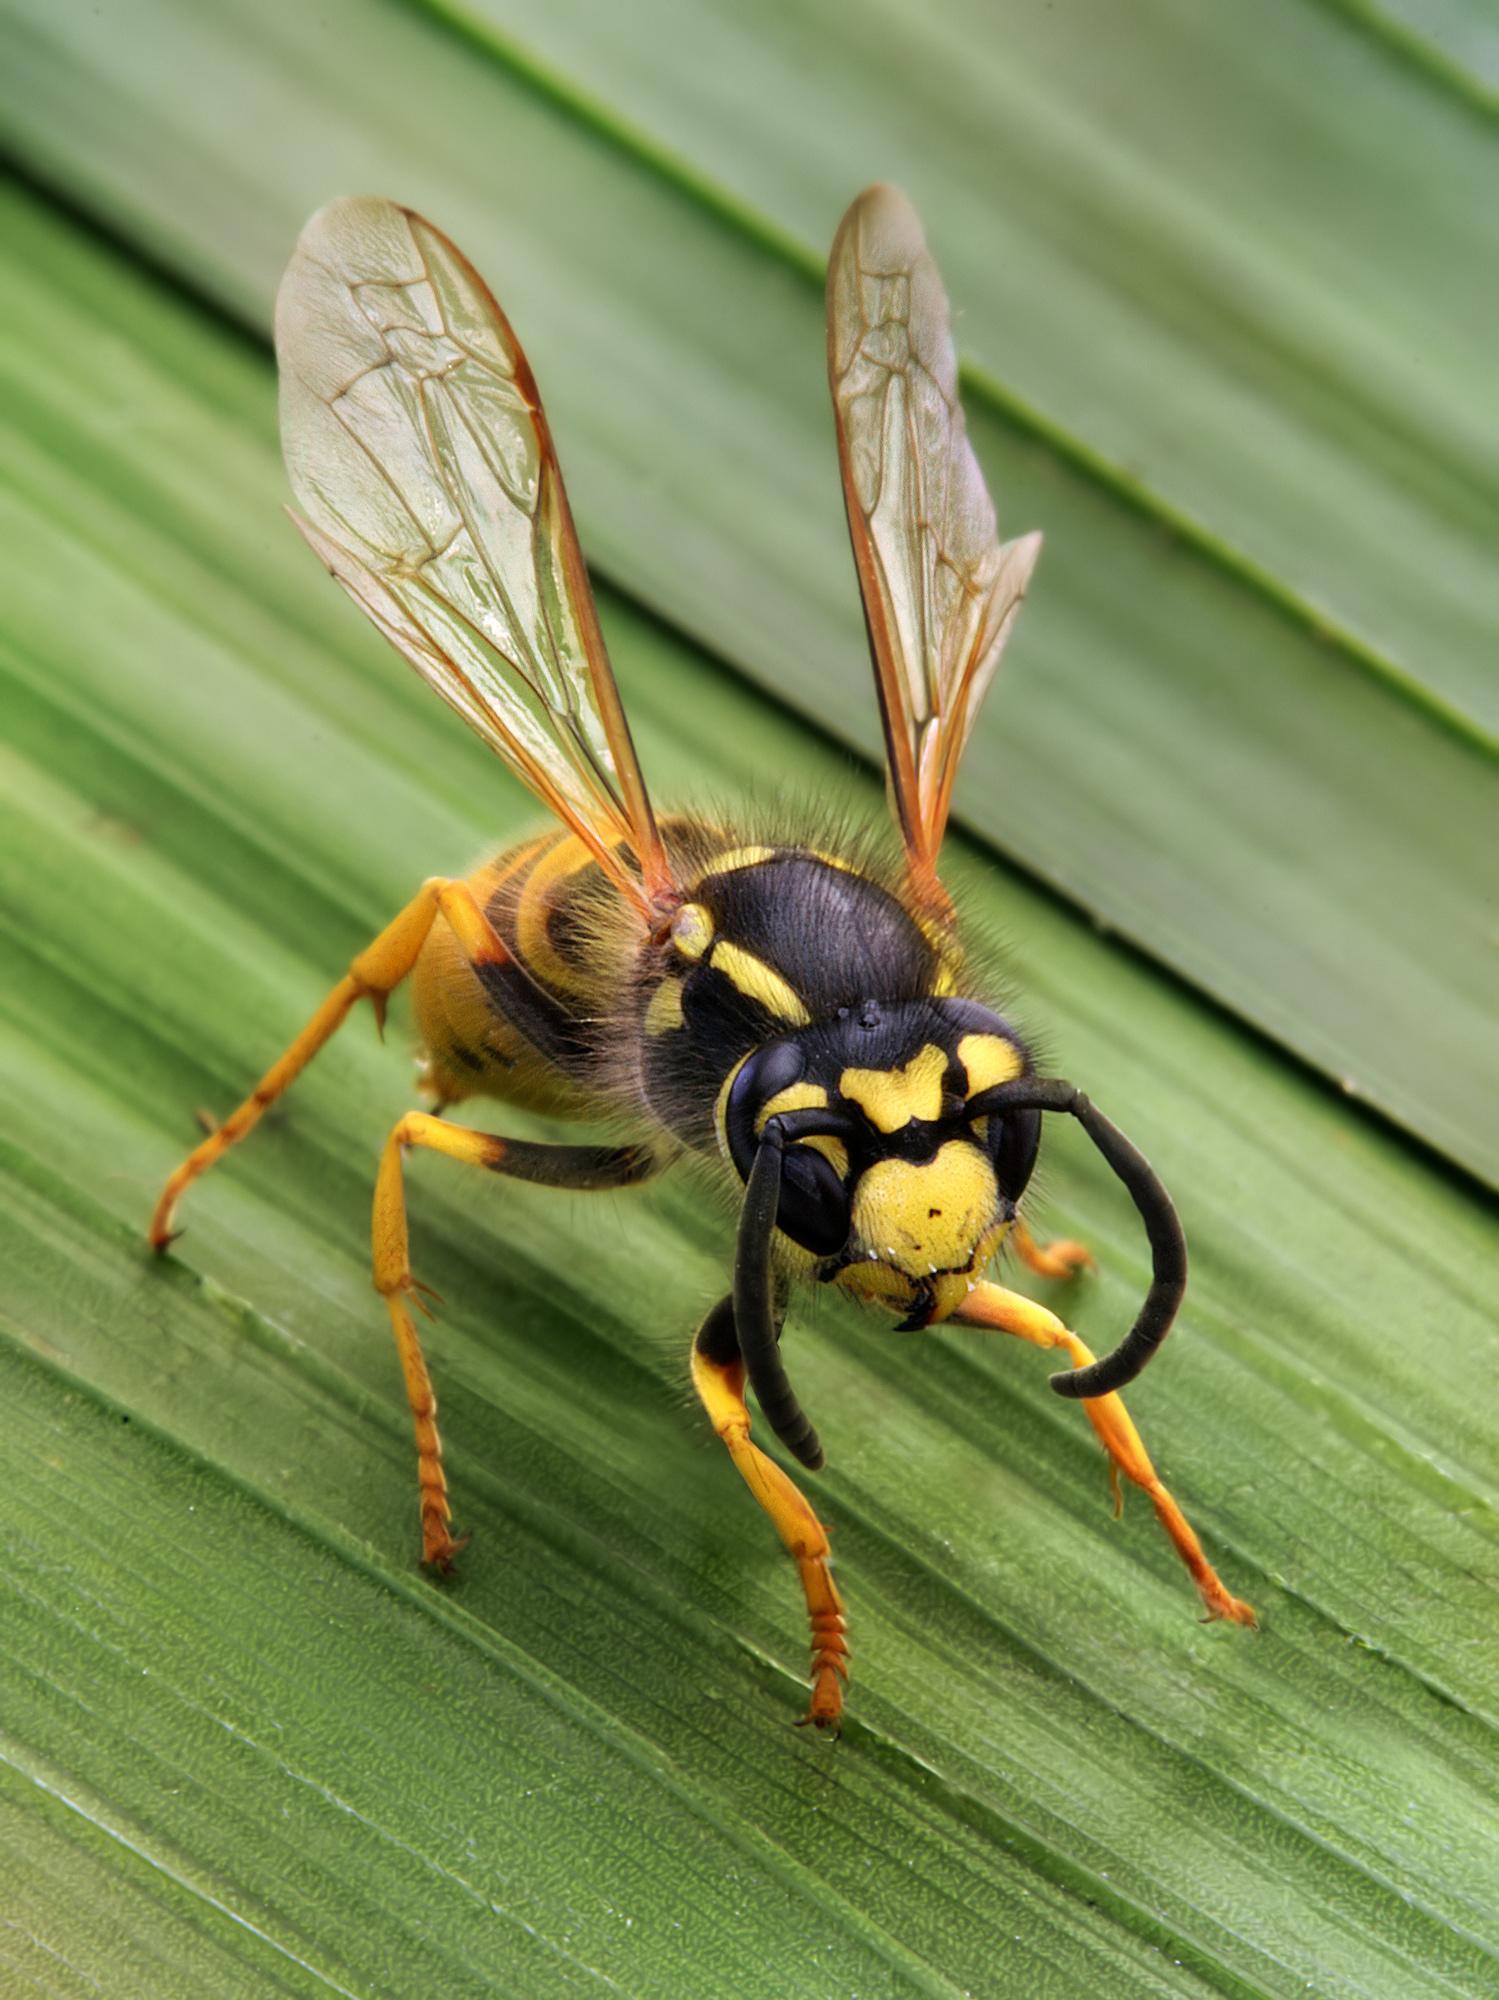 Wasp - Wikipedia